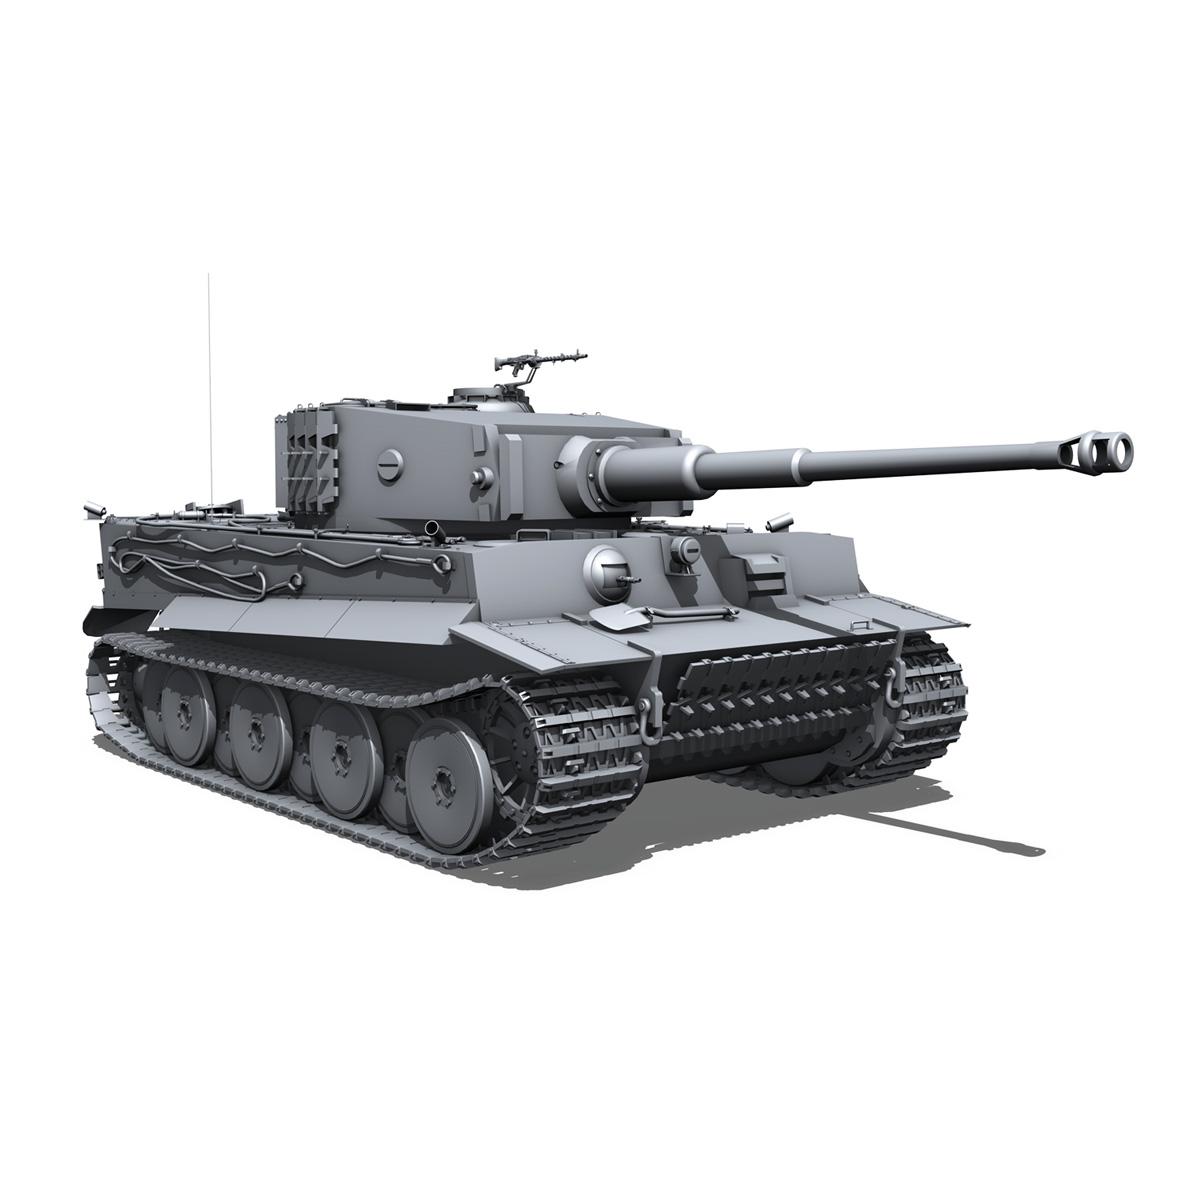 panzer vi – tiger – mid production 3d model 3ds fbx c4d lwo obj 202297